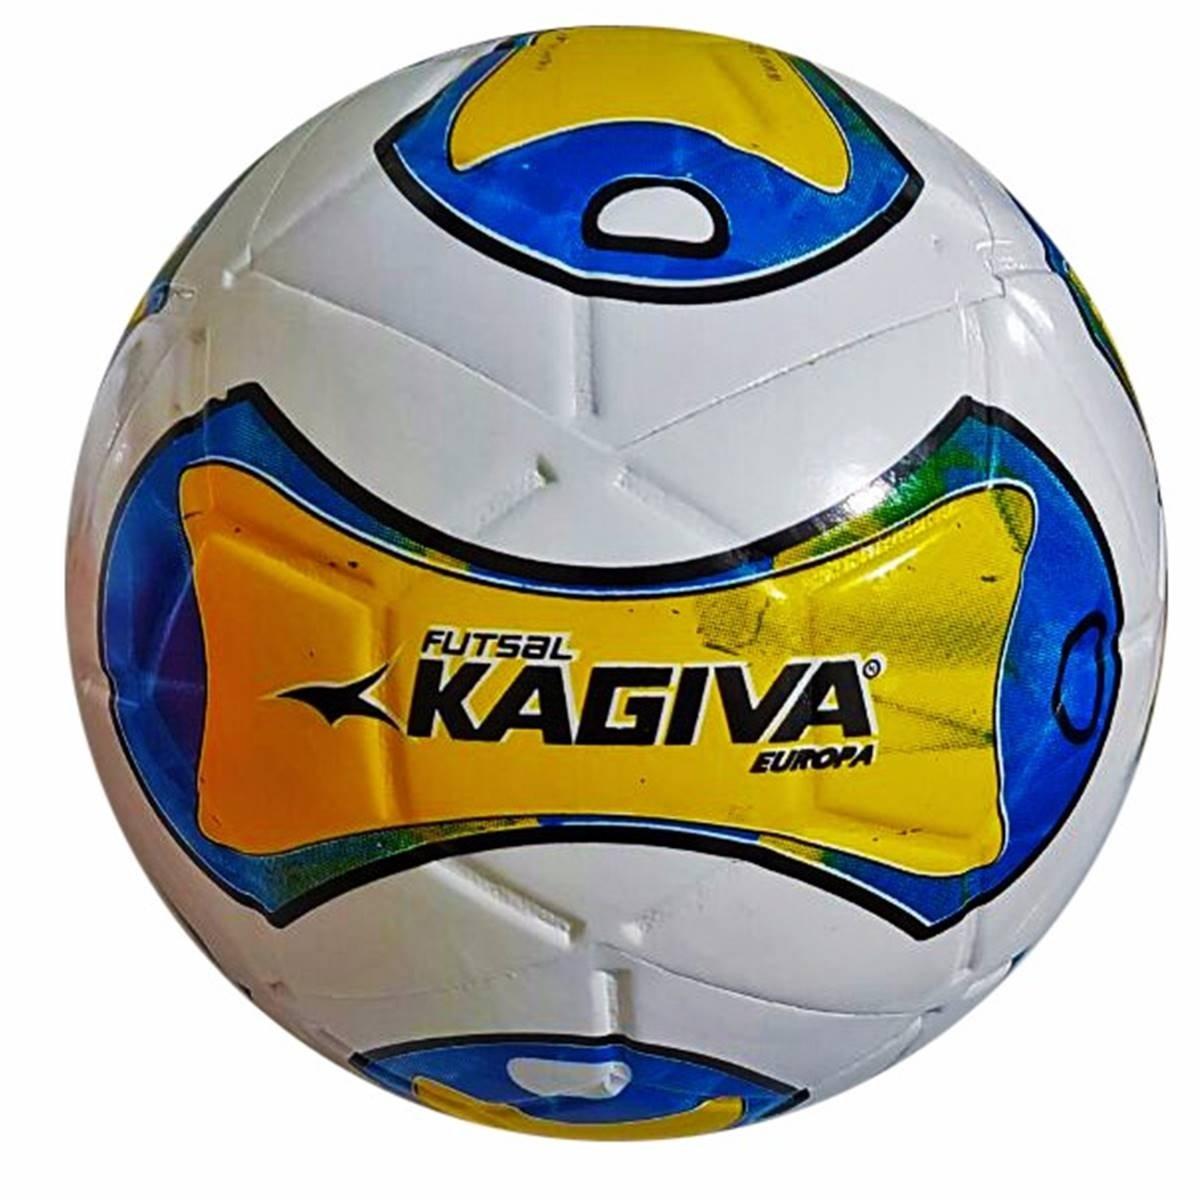 711ae0fc27 Bola Futsal Kagiva F5 Europa - Compre Agora